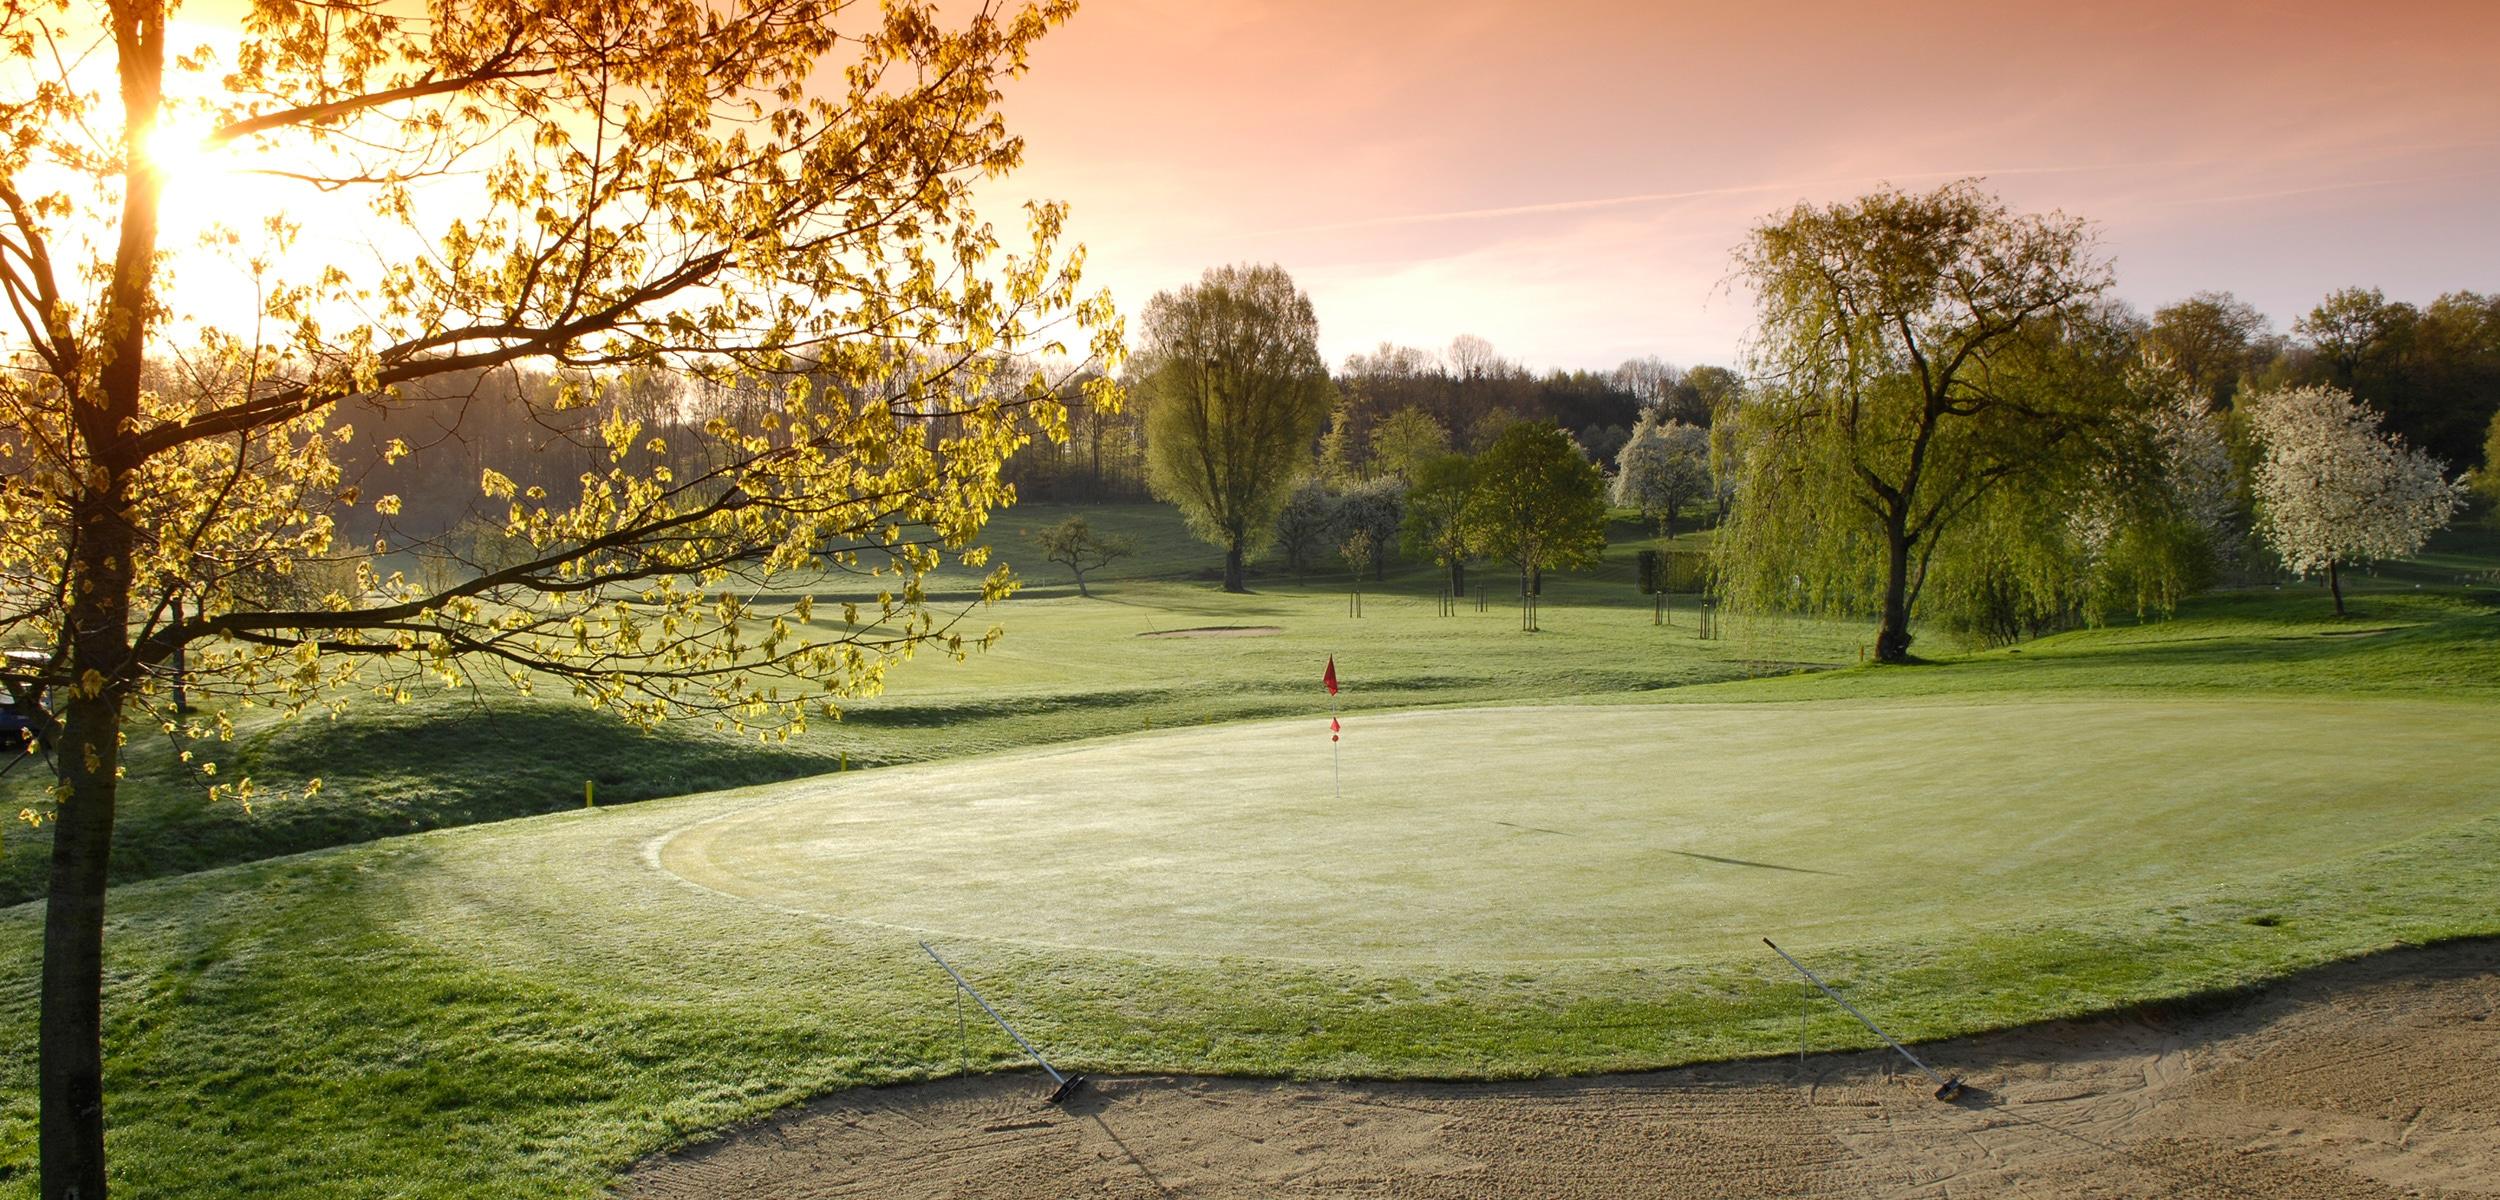 Golfgreen im Herbst